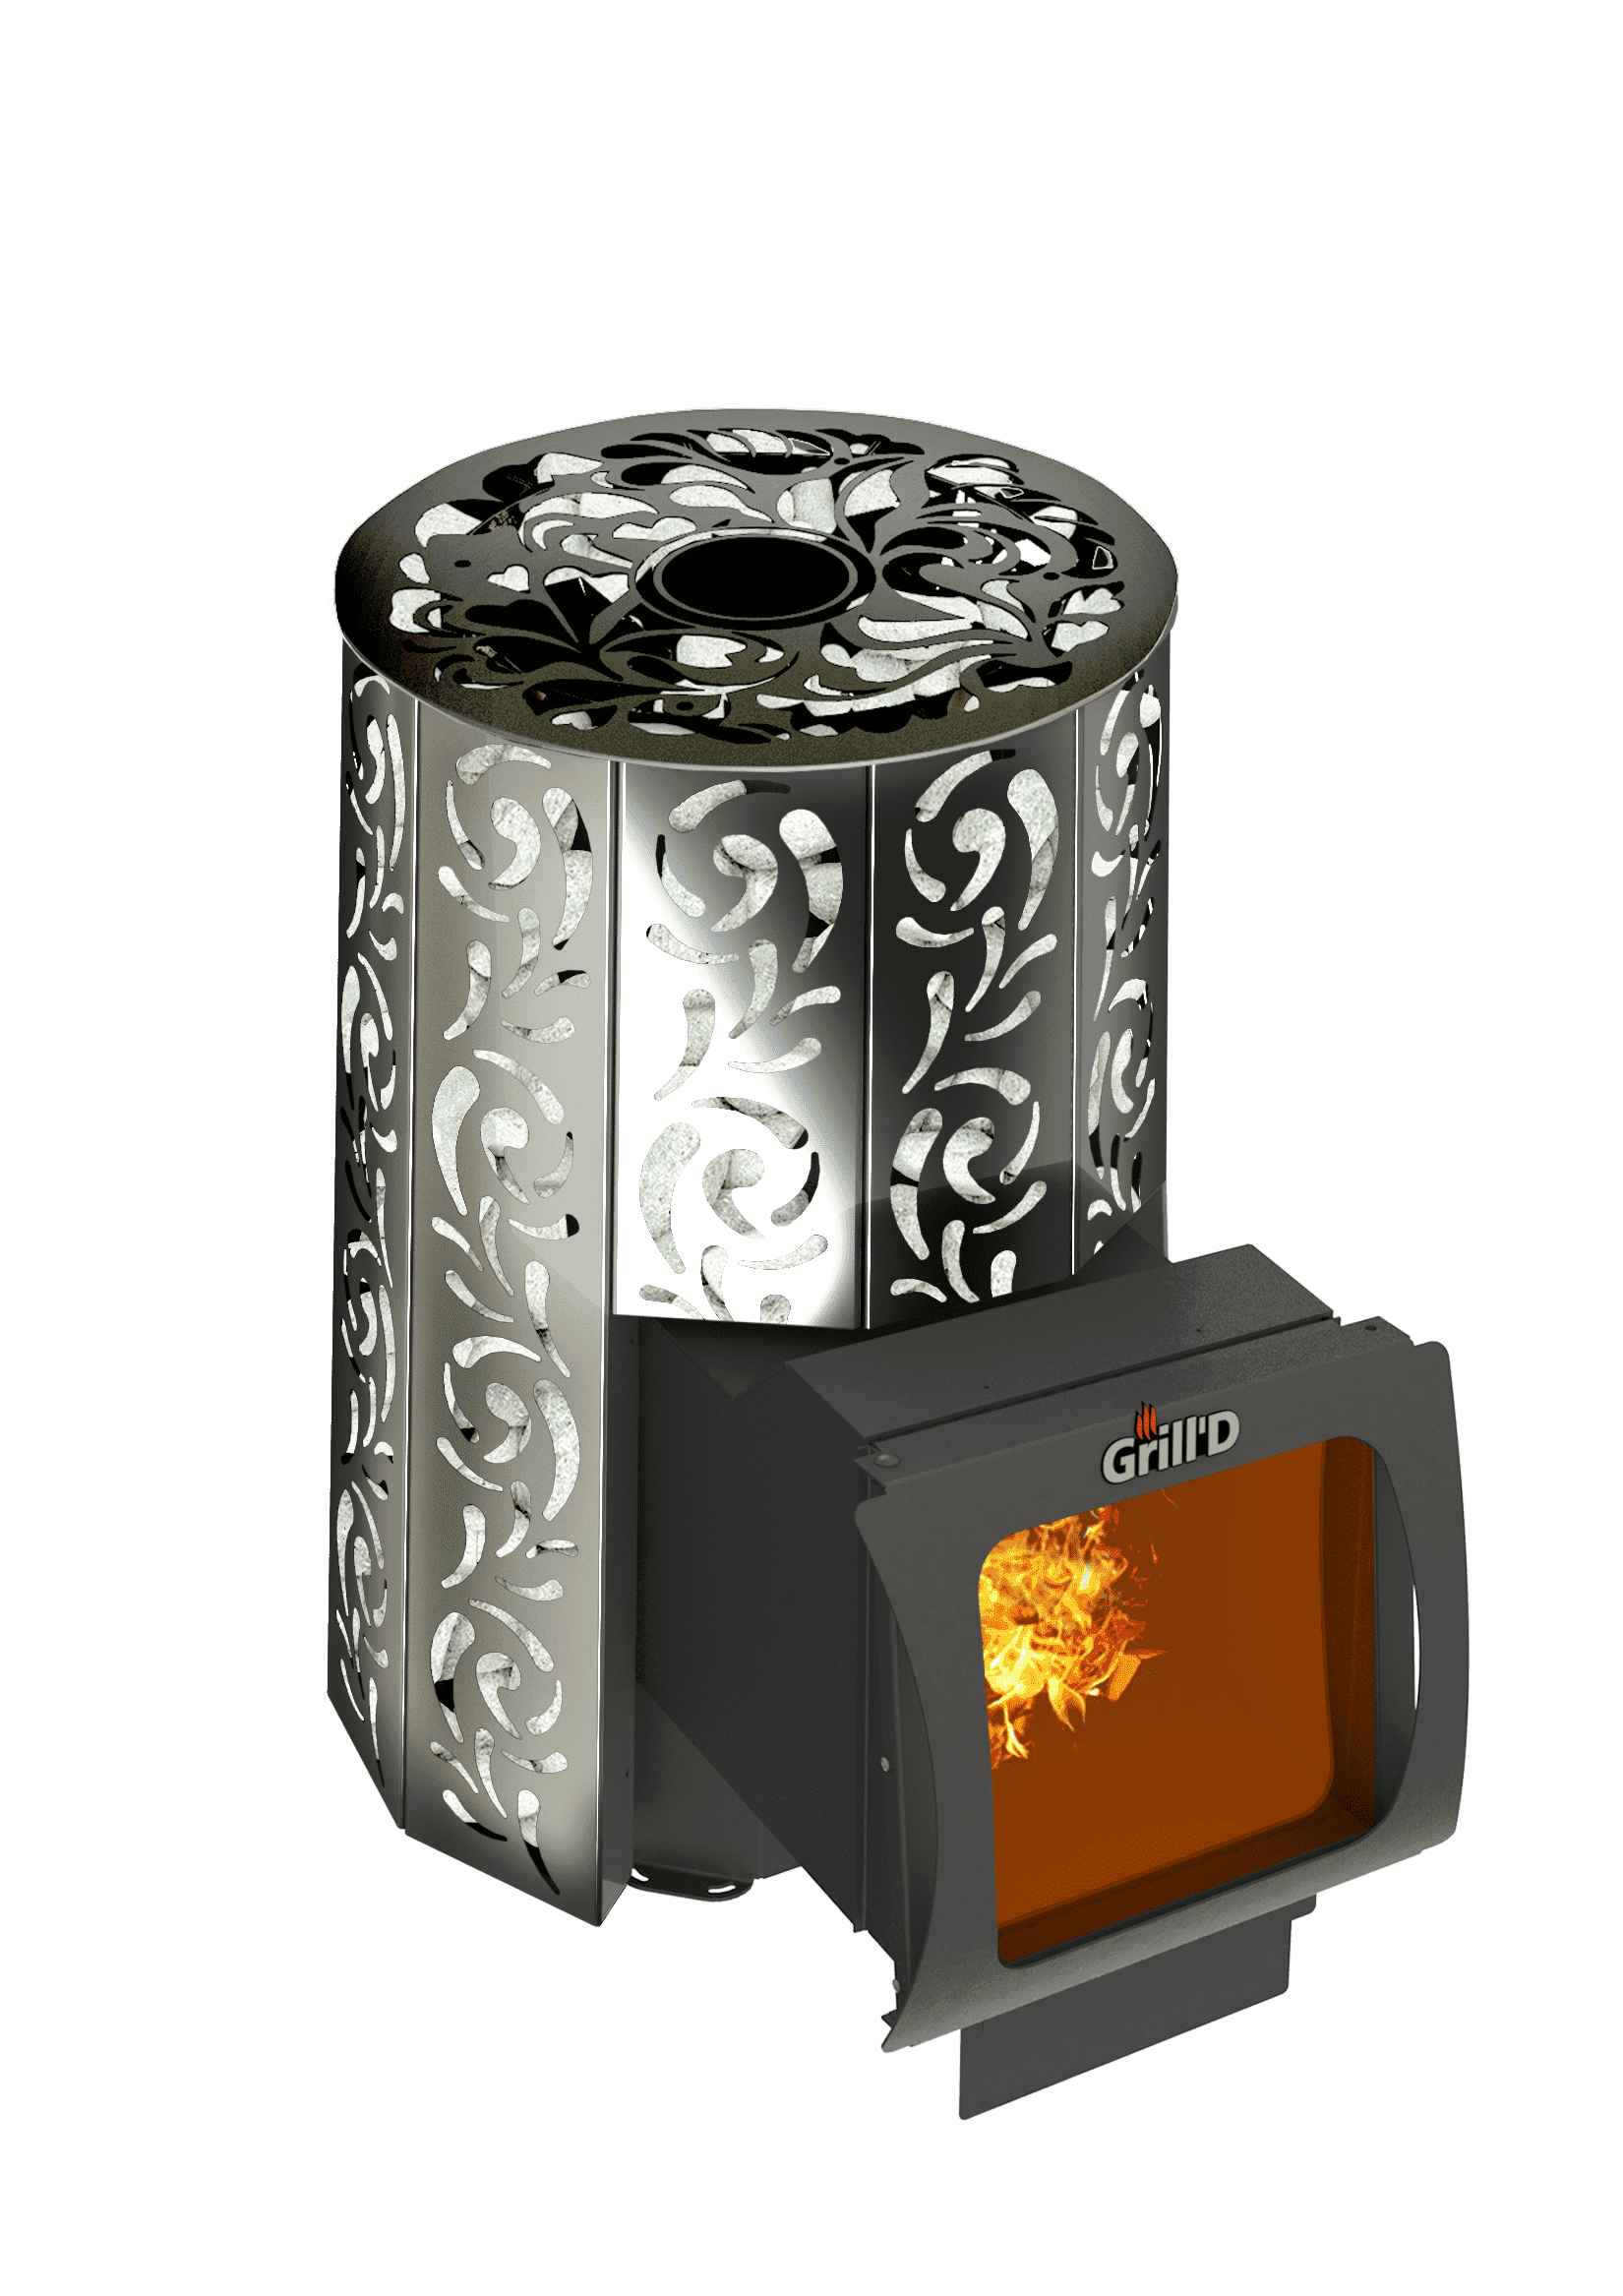 Банная печь Grill'D Violet Long Window Max (Жадеит 100 кг)